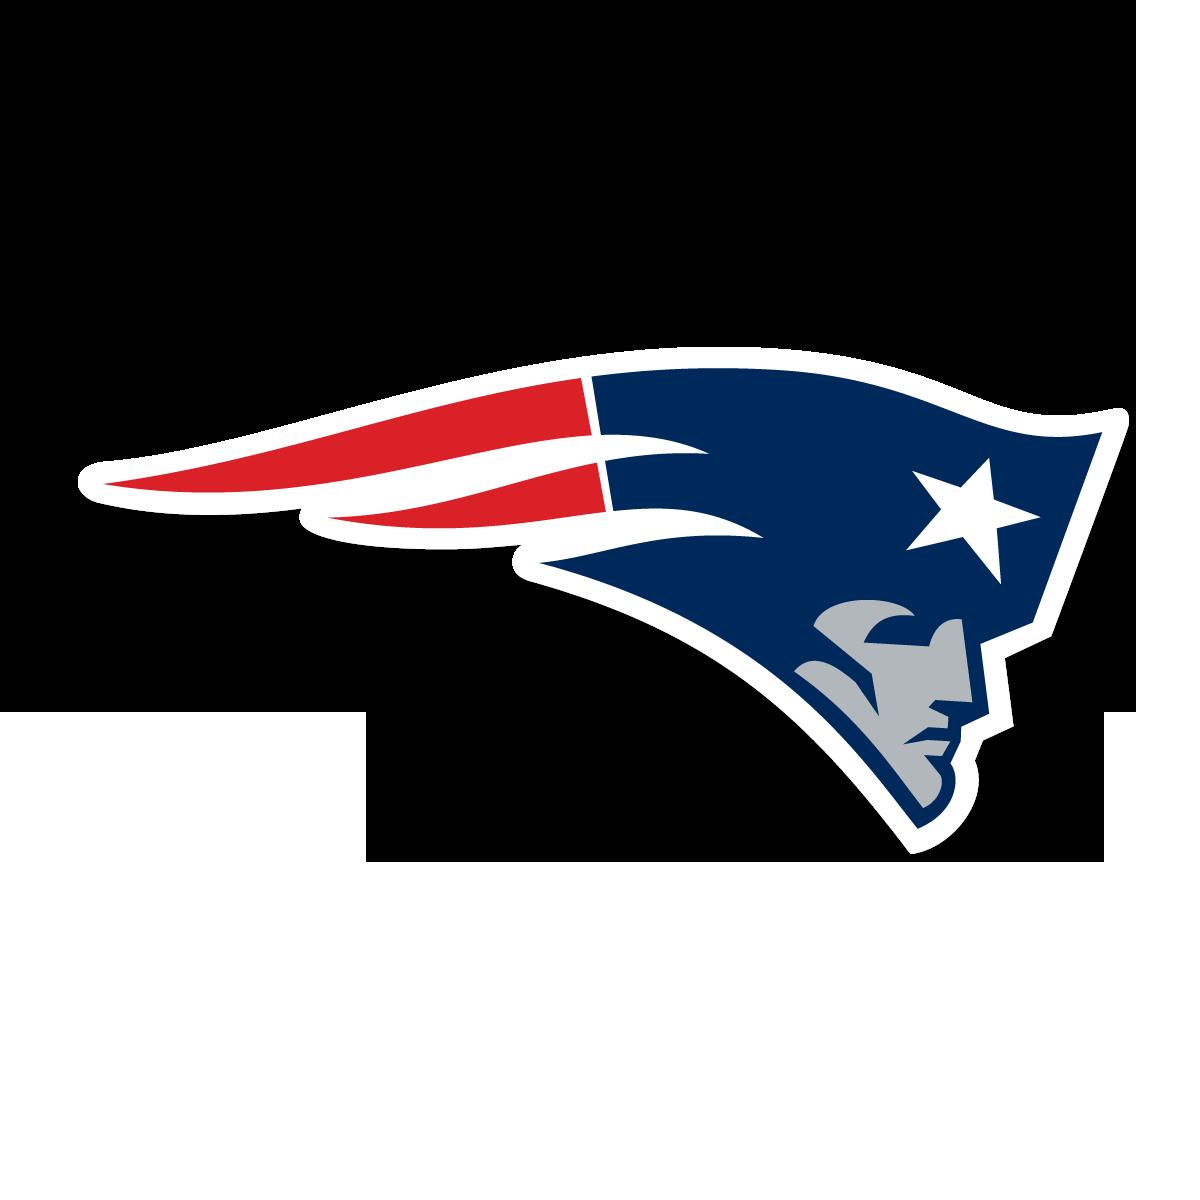 New England Patriots Champions 2015 Wallpaper Wallpaper Sport 95627 1200x1200